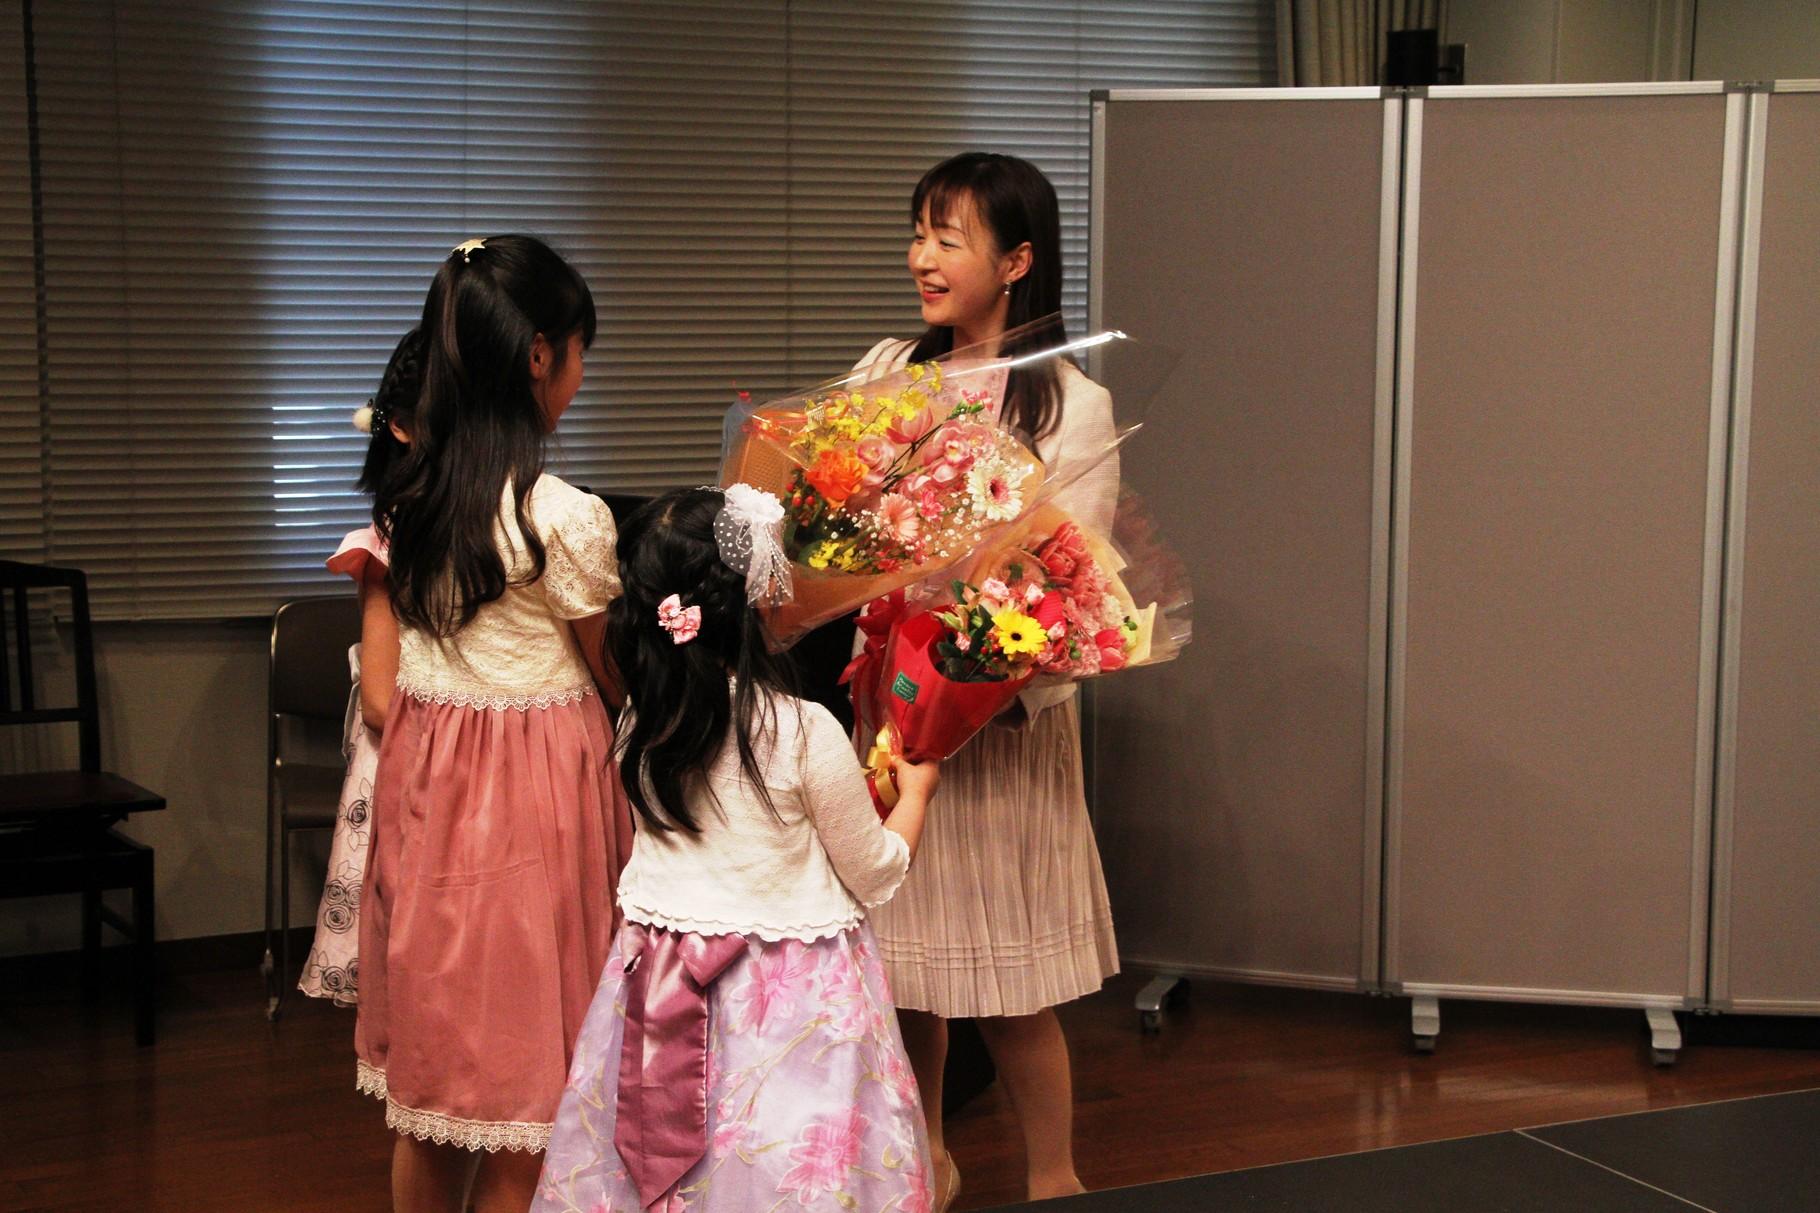 たくさんのお花やプレゼント、ありがとうございました(*^^*)